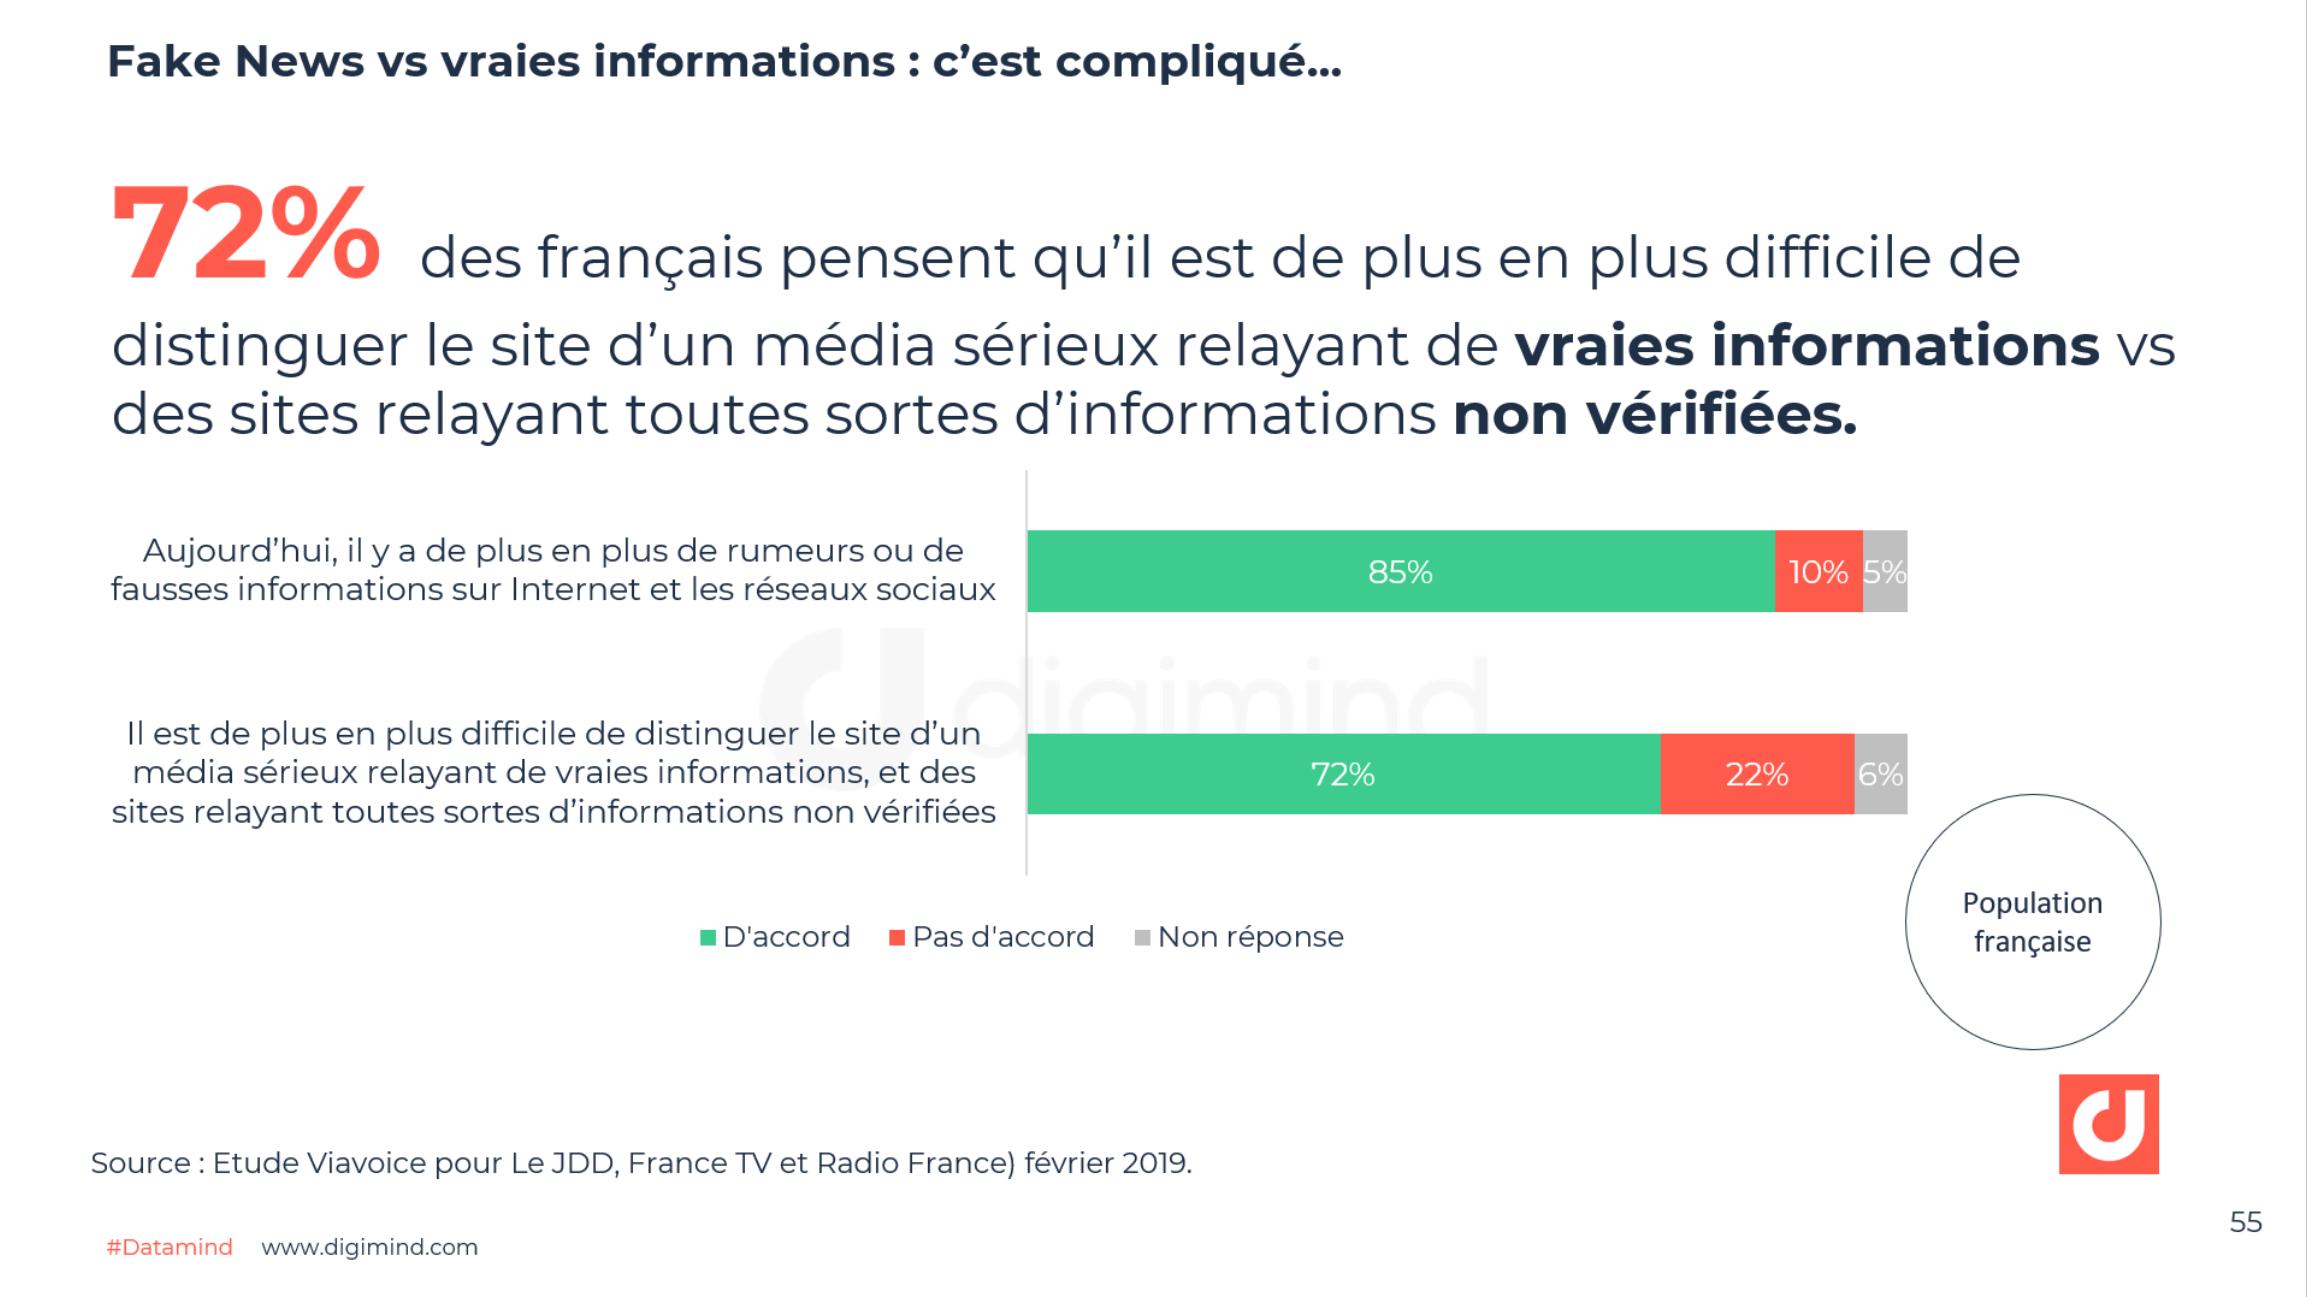 Fake News vs vraies informations : c'est compliqué… - Viavoice